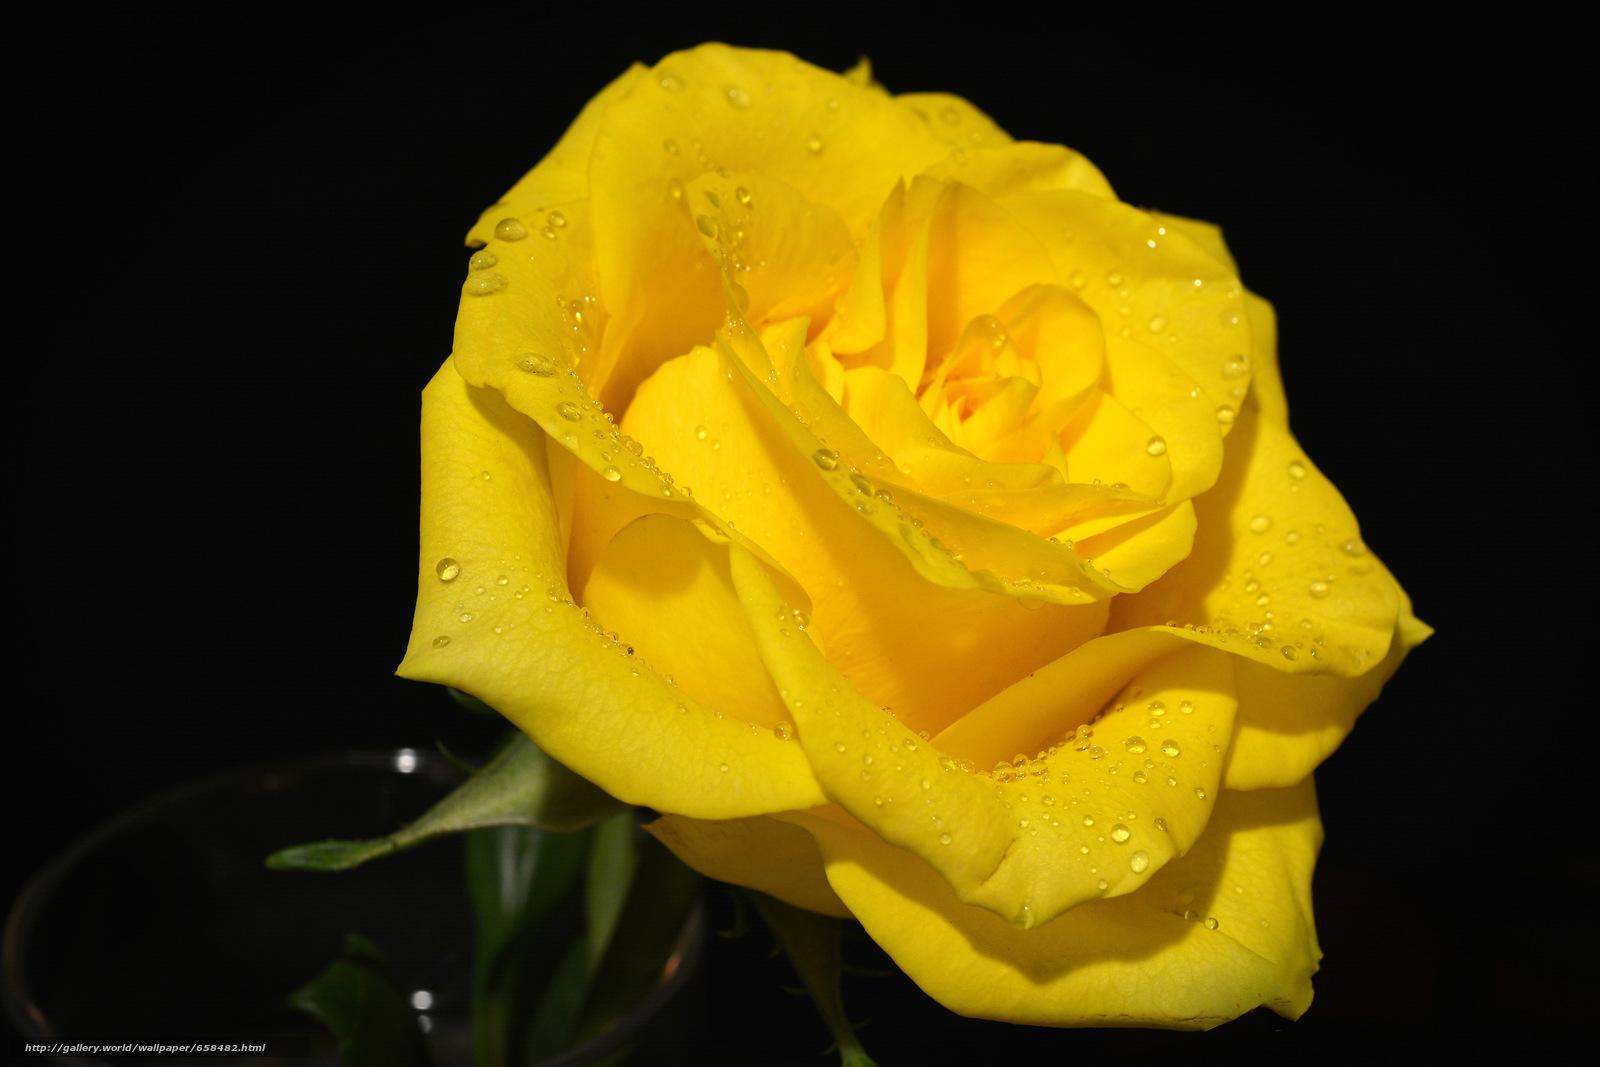 下载壁纸 花,  花卉,  植物群,  玫瑰 免费为您的桌面分辨率的壁纸 6000x4000 — 图片 №658482